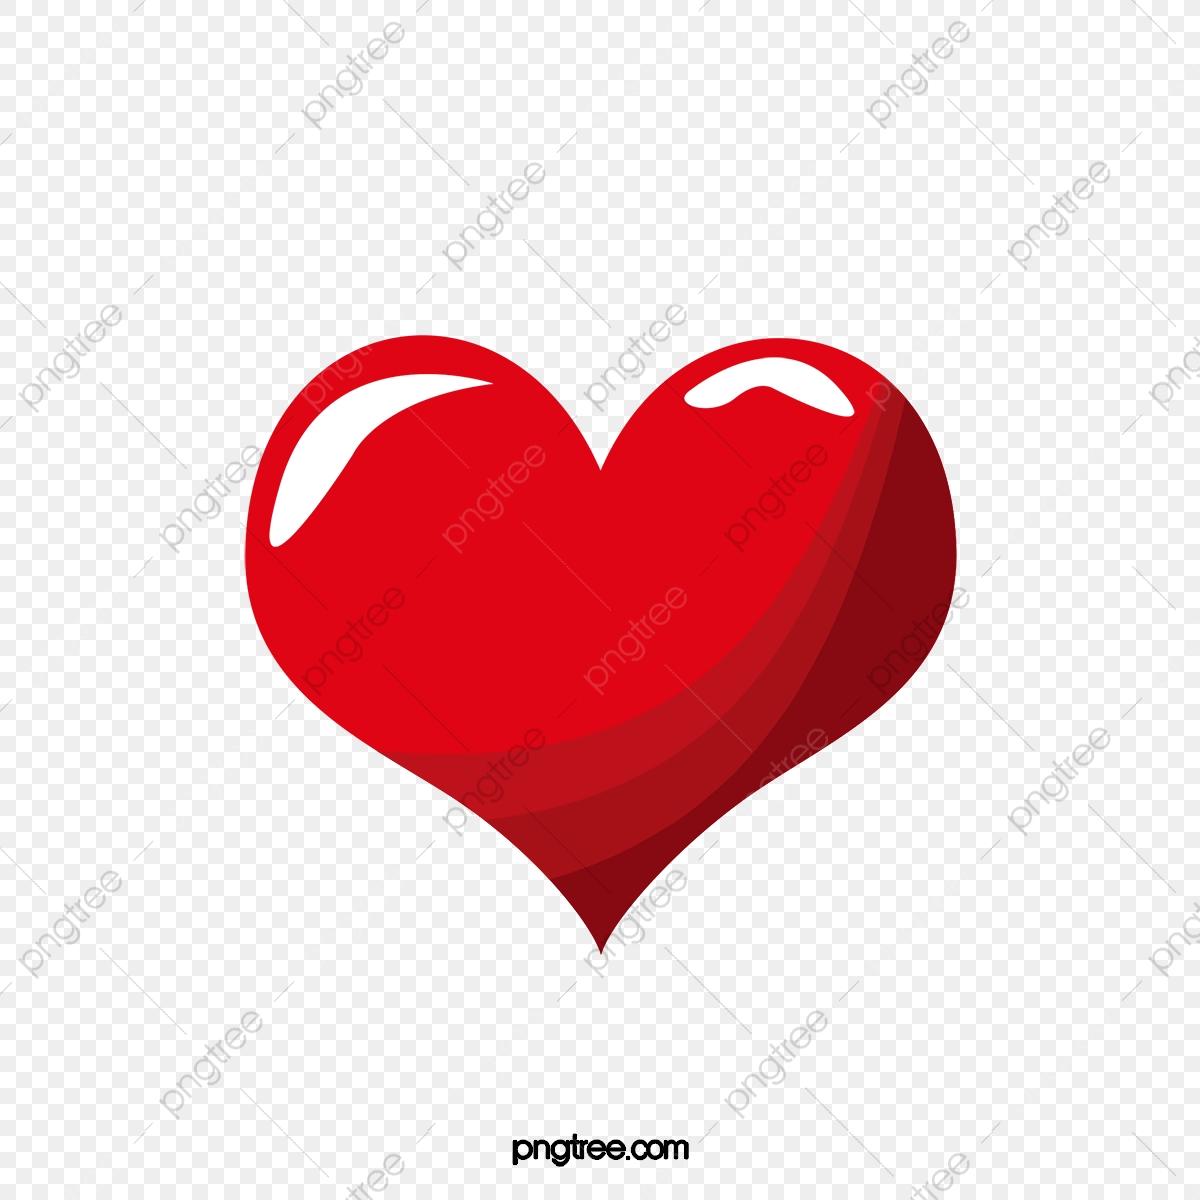 Red Heart Cartoon Heart Outline, Heart Clipart, Cartoon Clipart, Red.